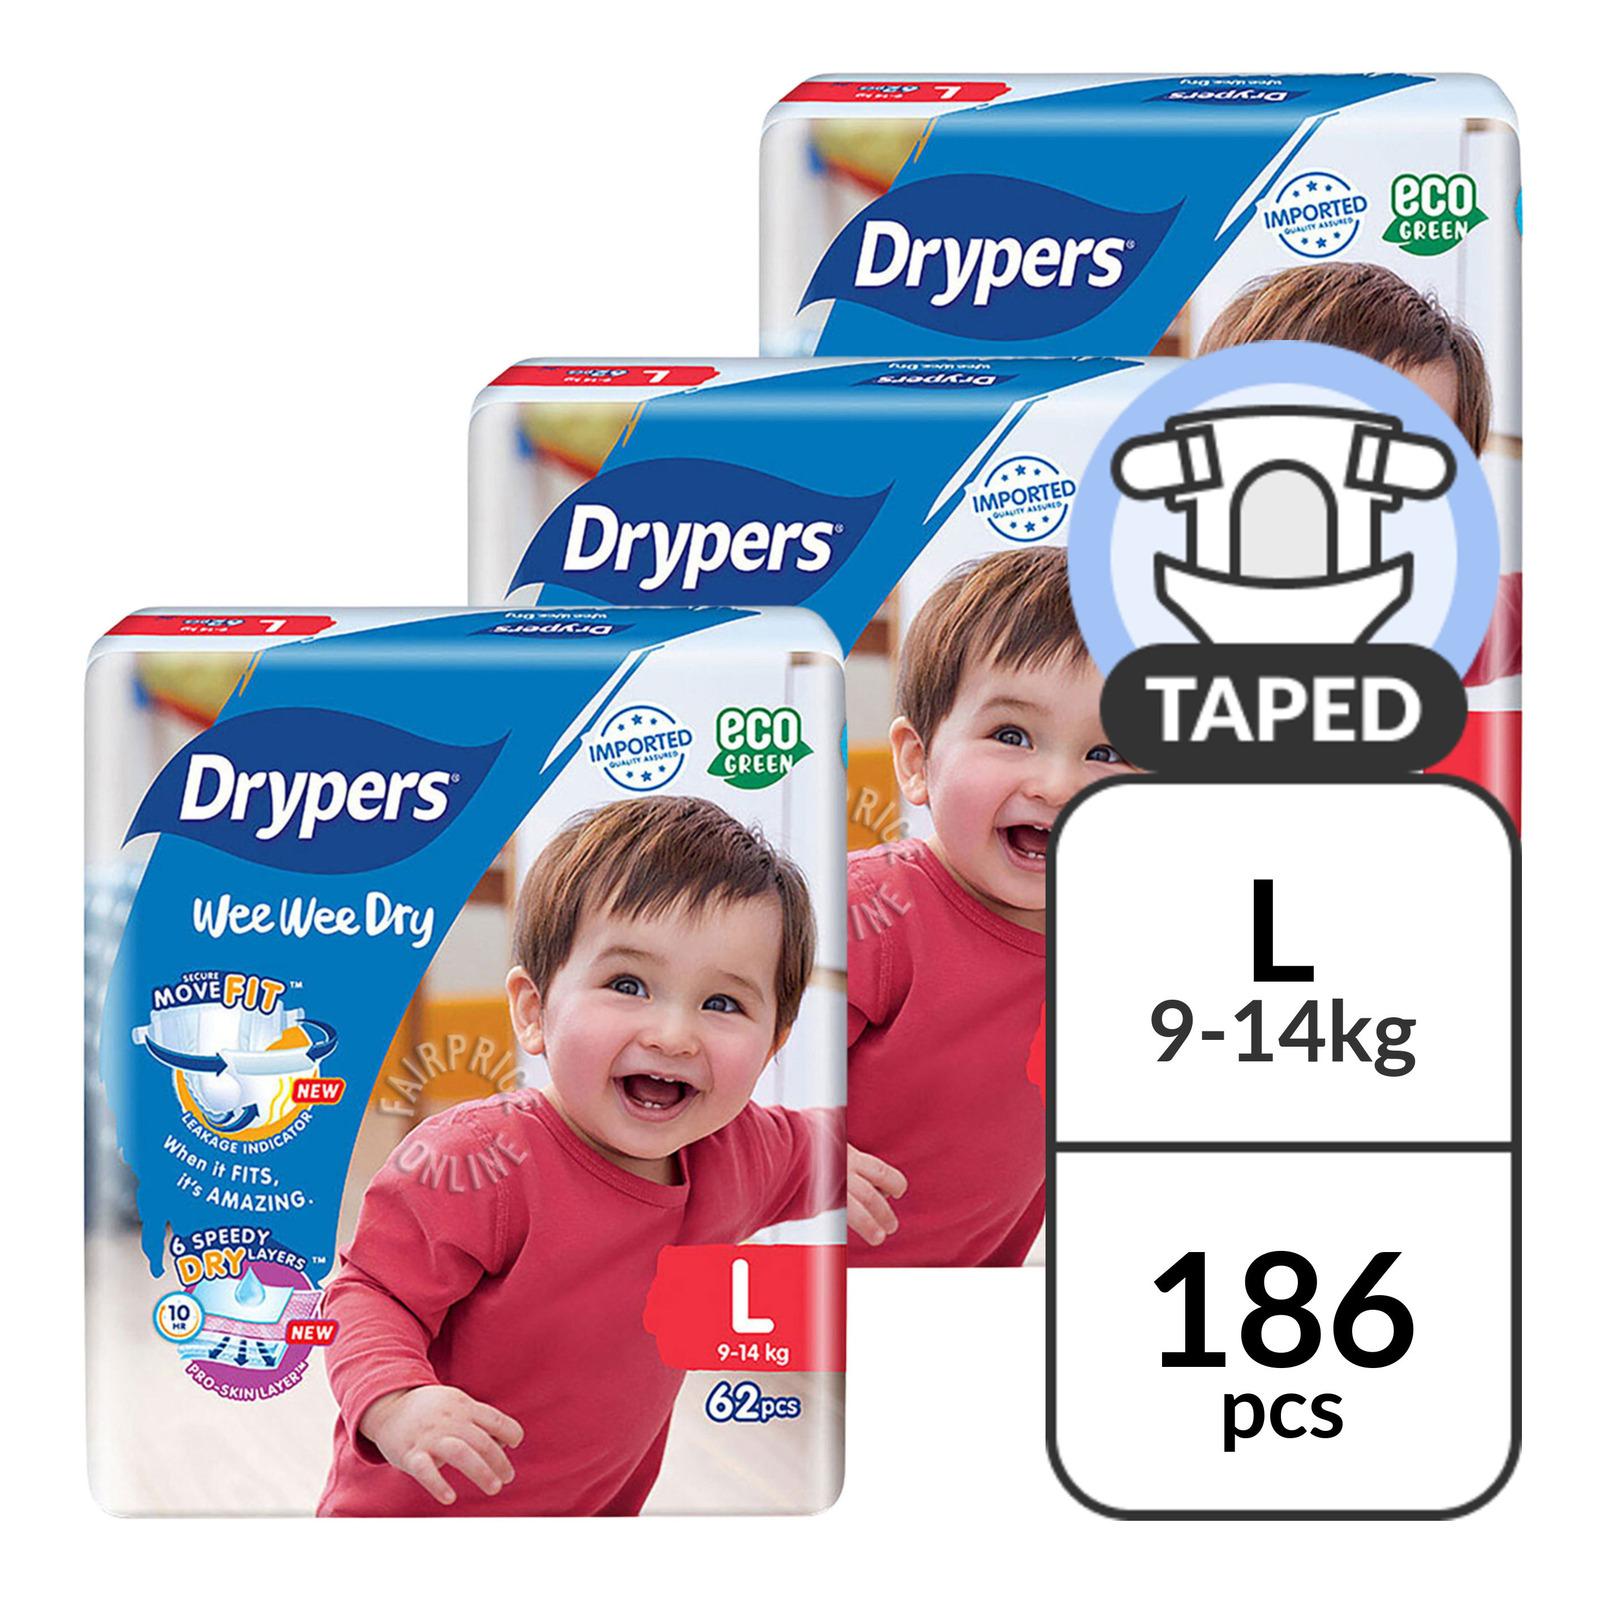 Drypers Wee Wee Dry Diapers - L (9 - 14kg)